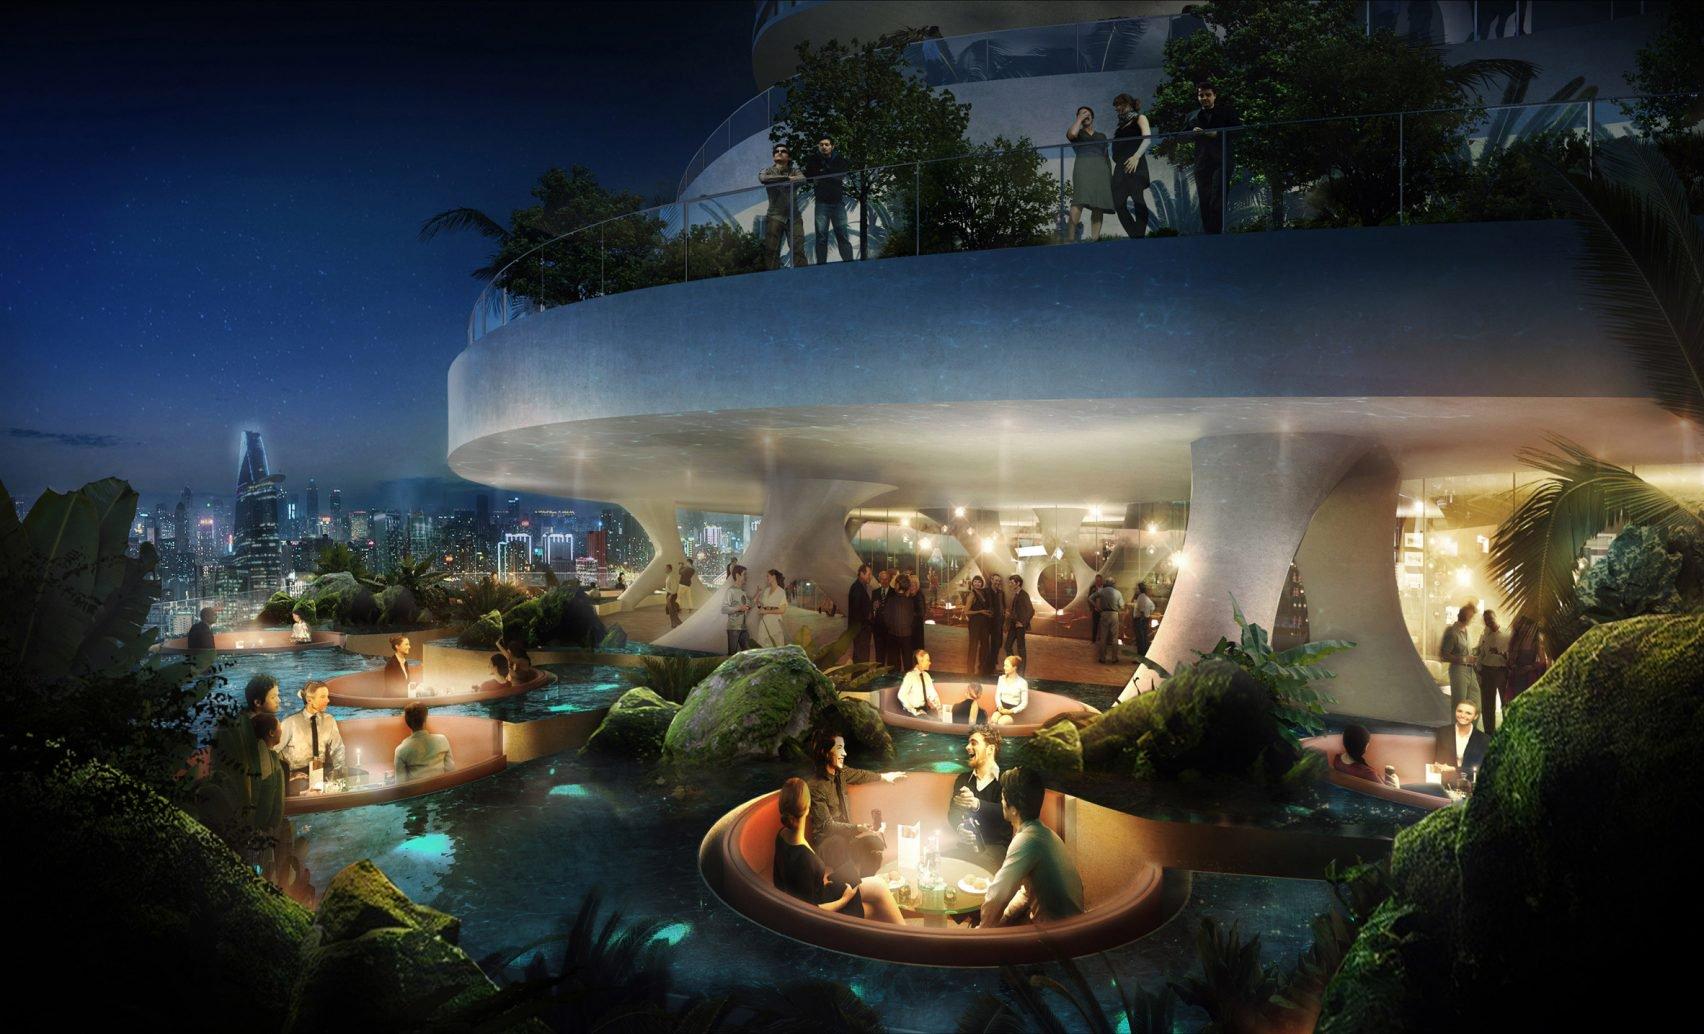 empire-city-ole-scheeren-ho-chi-min-vietnam-news-architecture_dezeen_2364_col_5-1704x1034.jpg